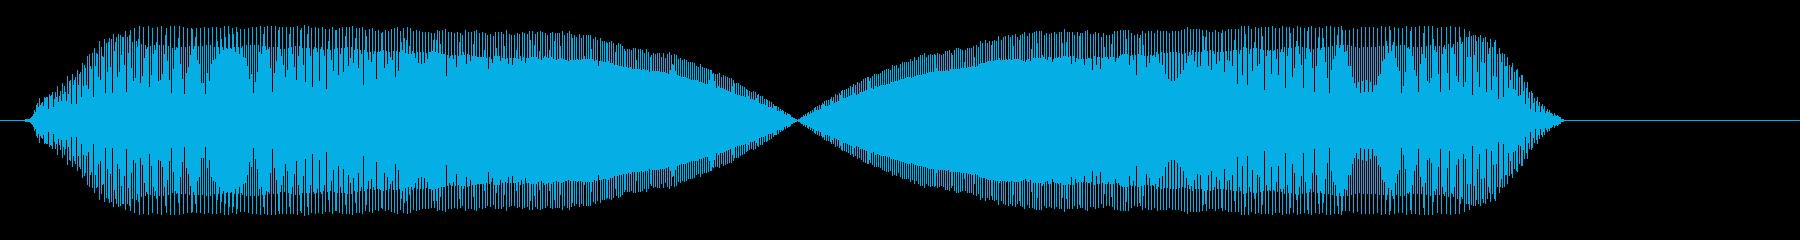 プゥィゥ〜(風船が膨らむような効果音)の再生済みの波形